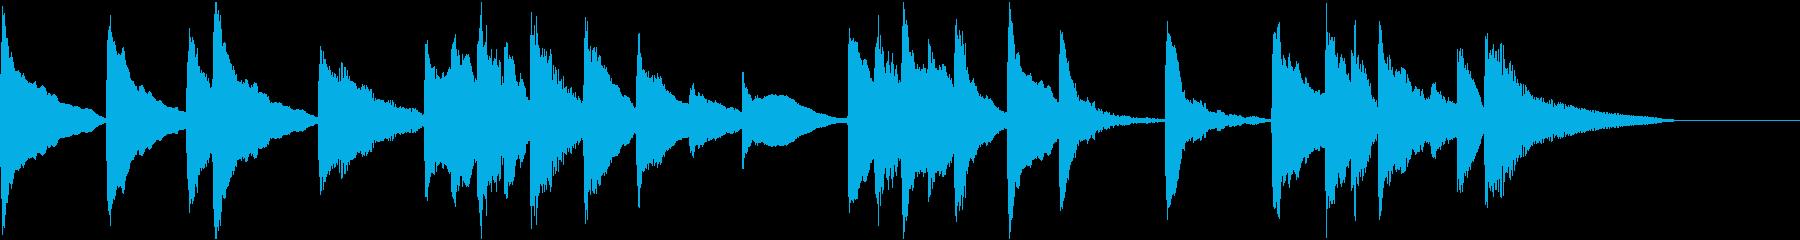 表彰式の音楽_和風アレンジの再生済みの波形